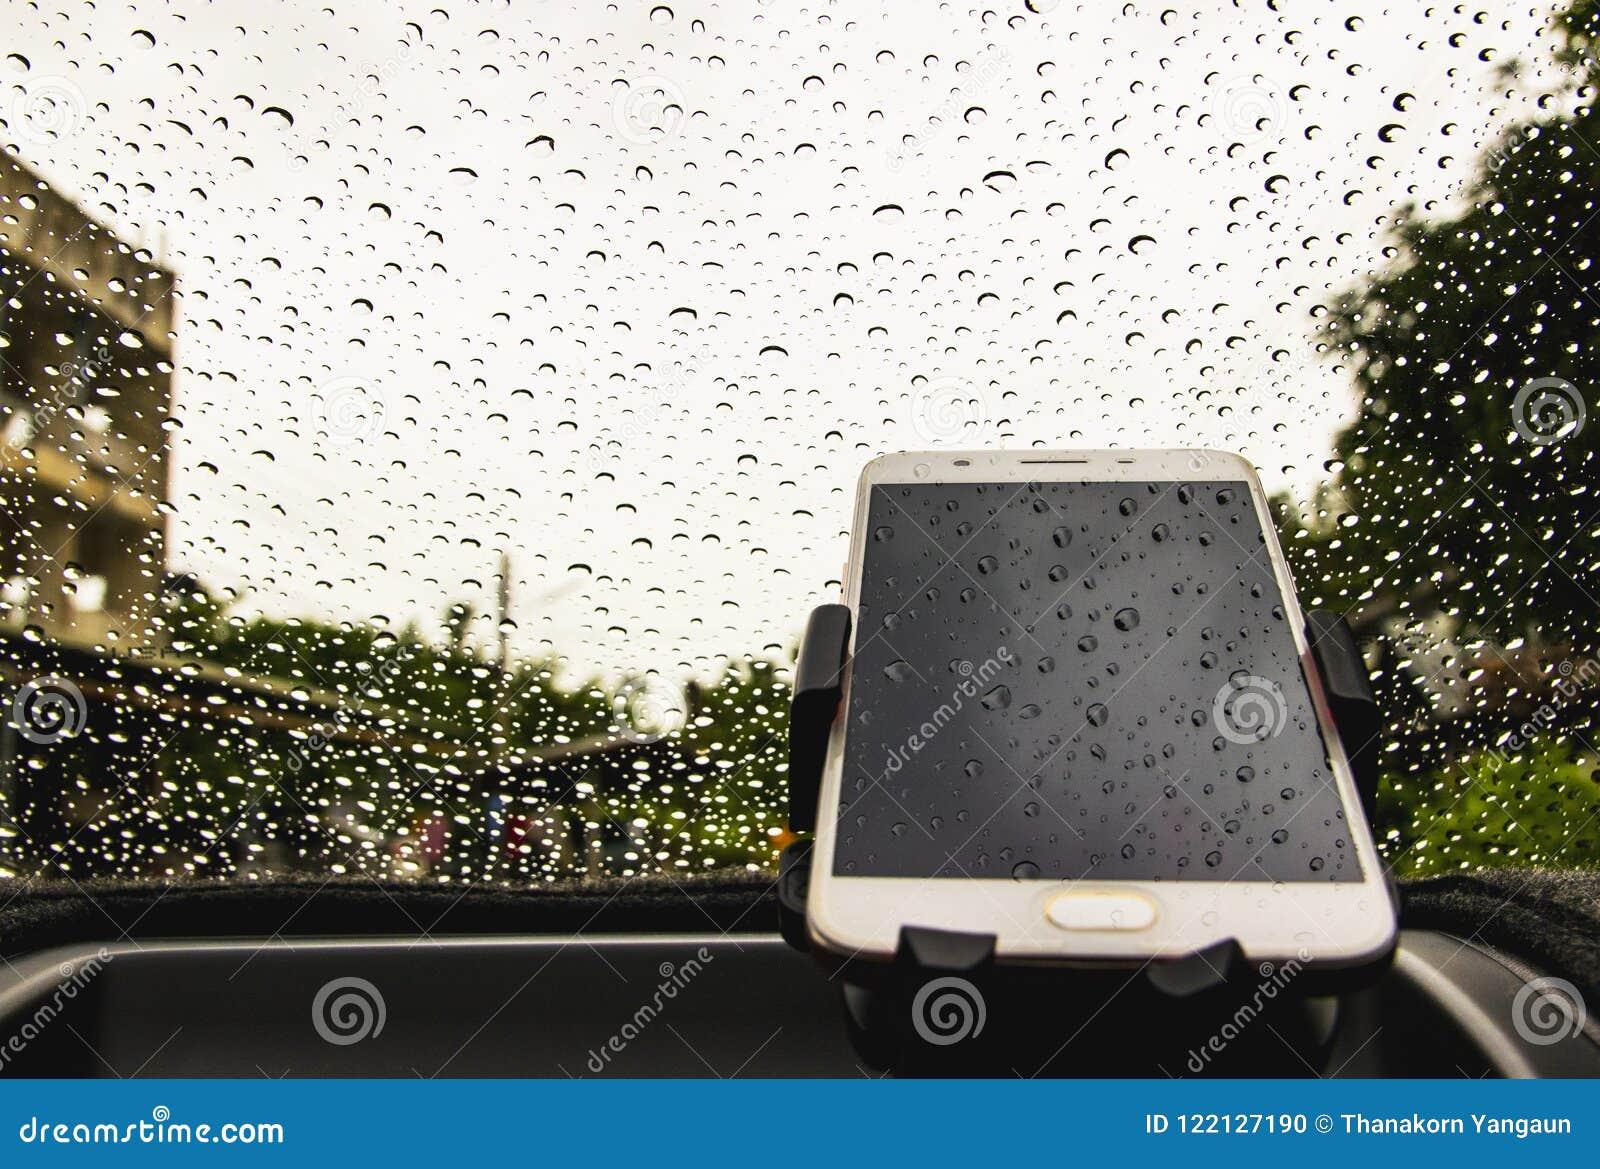 De slimme telefoon is off-line met regendruppelsachtergrond, die op de regenachtige dag in de auto werken